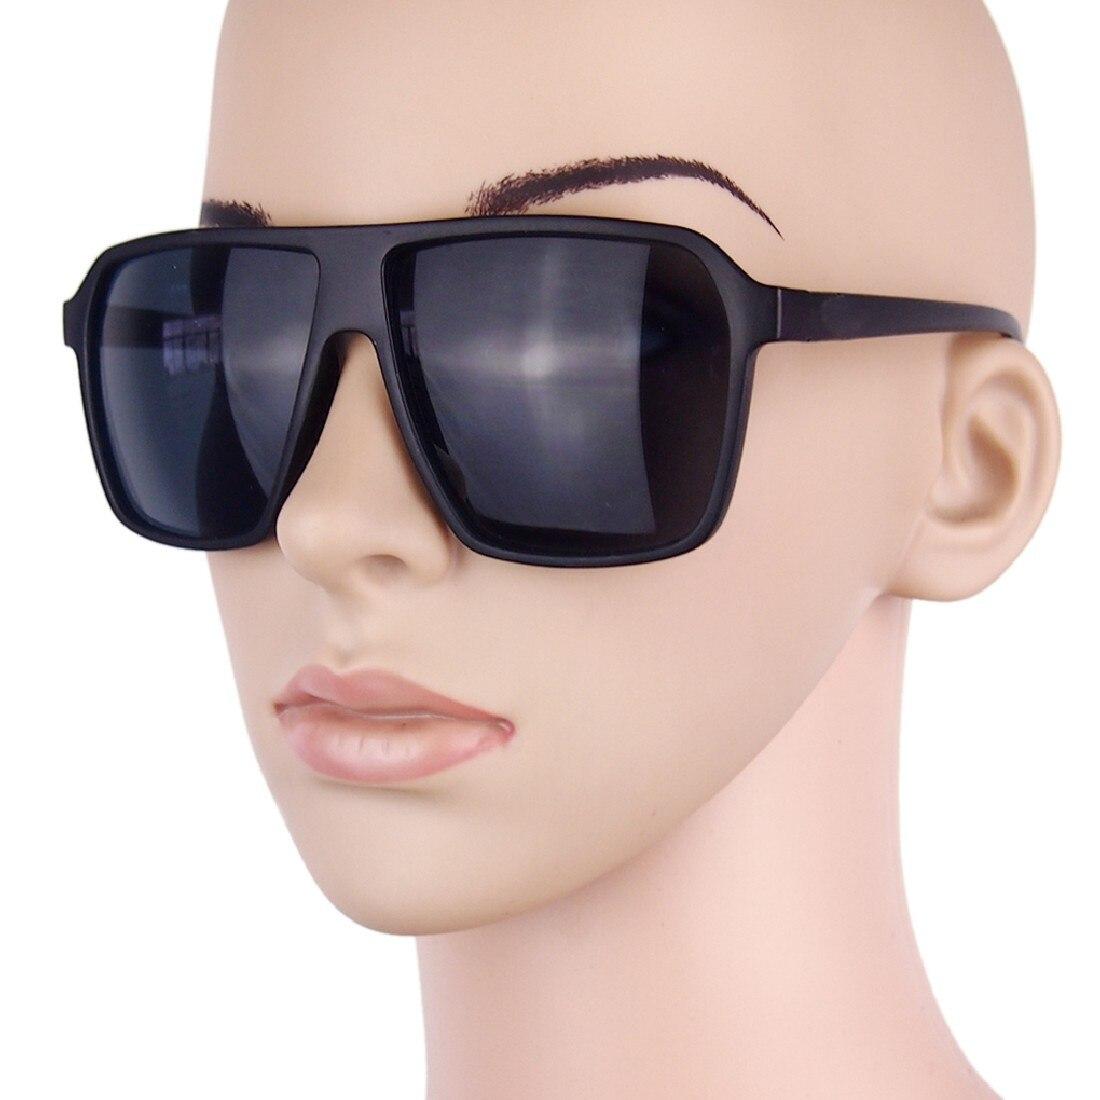 Baru Tebal Besar Bingkai Kacamata Sunglasses Kacamata Vintage Fashion Retro  Hadiah Wanita Pria di Kacamata Hitam dari Aksesoris Pakaian AliExpress.com  ... 2d6a301c0f